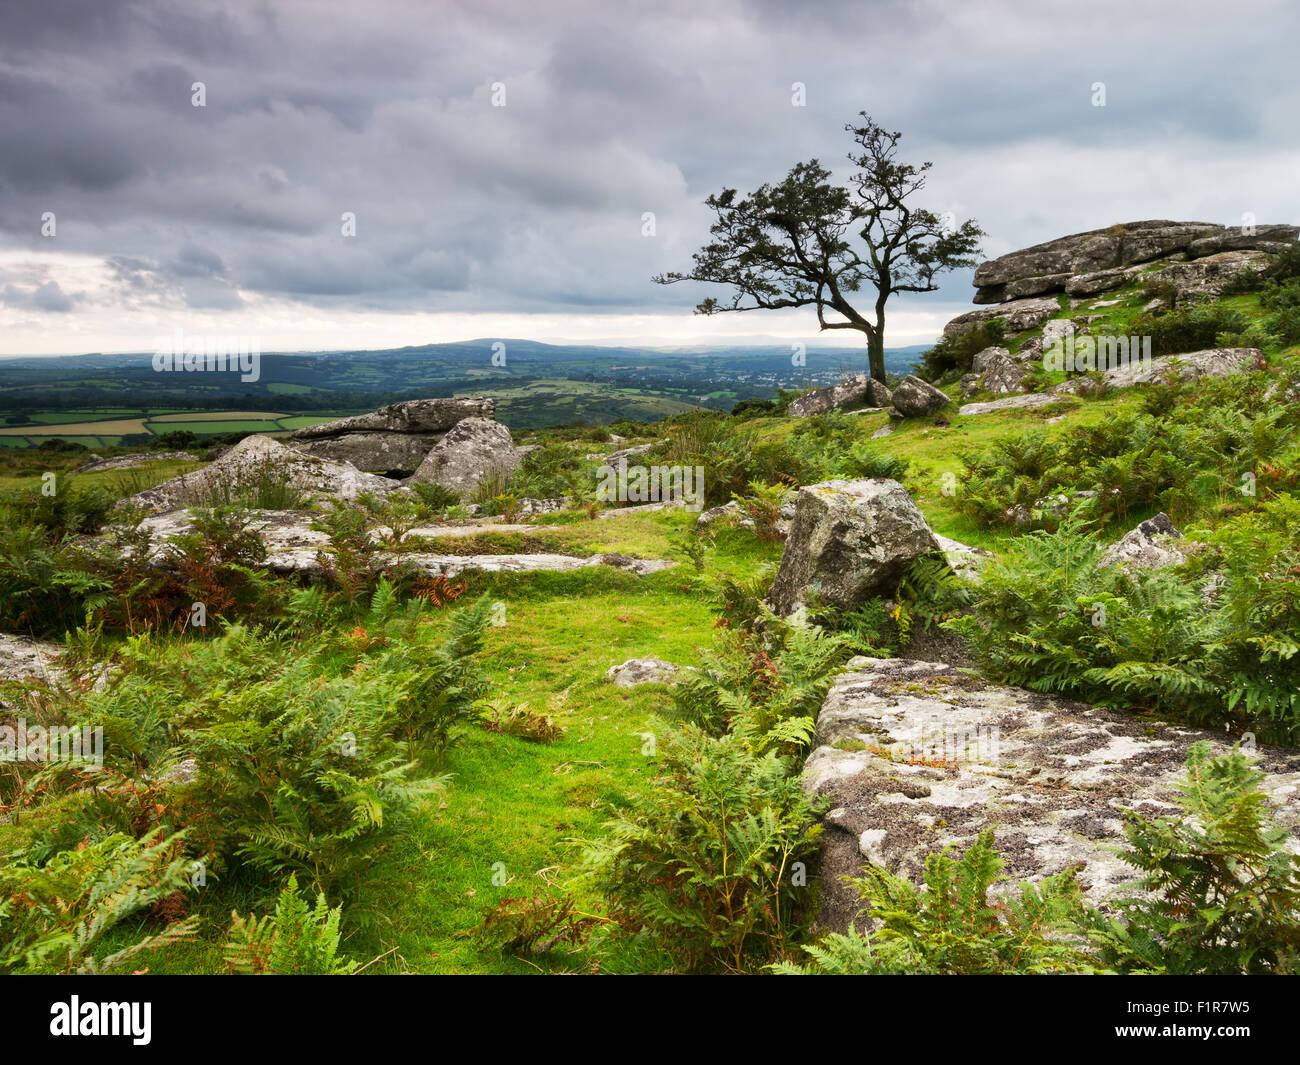 Wild, untamed Dartmoor. - Stock Image